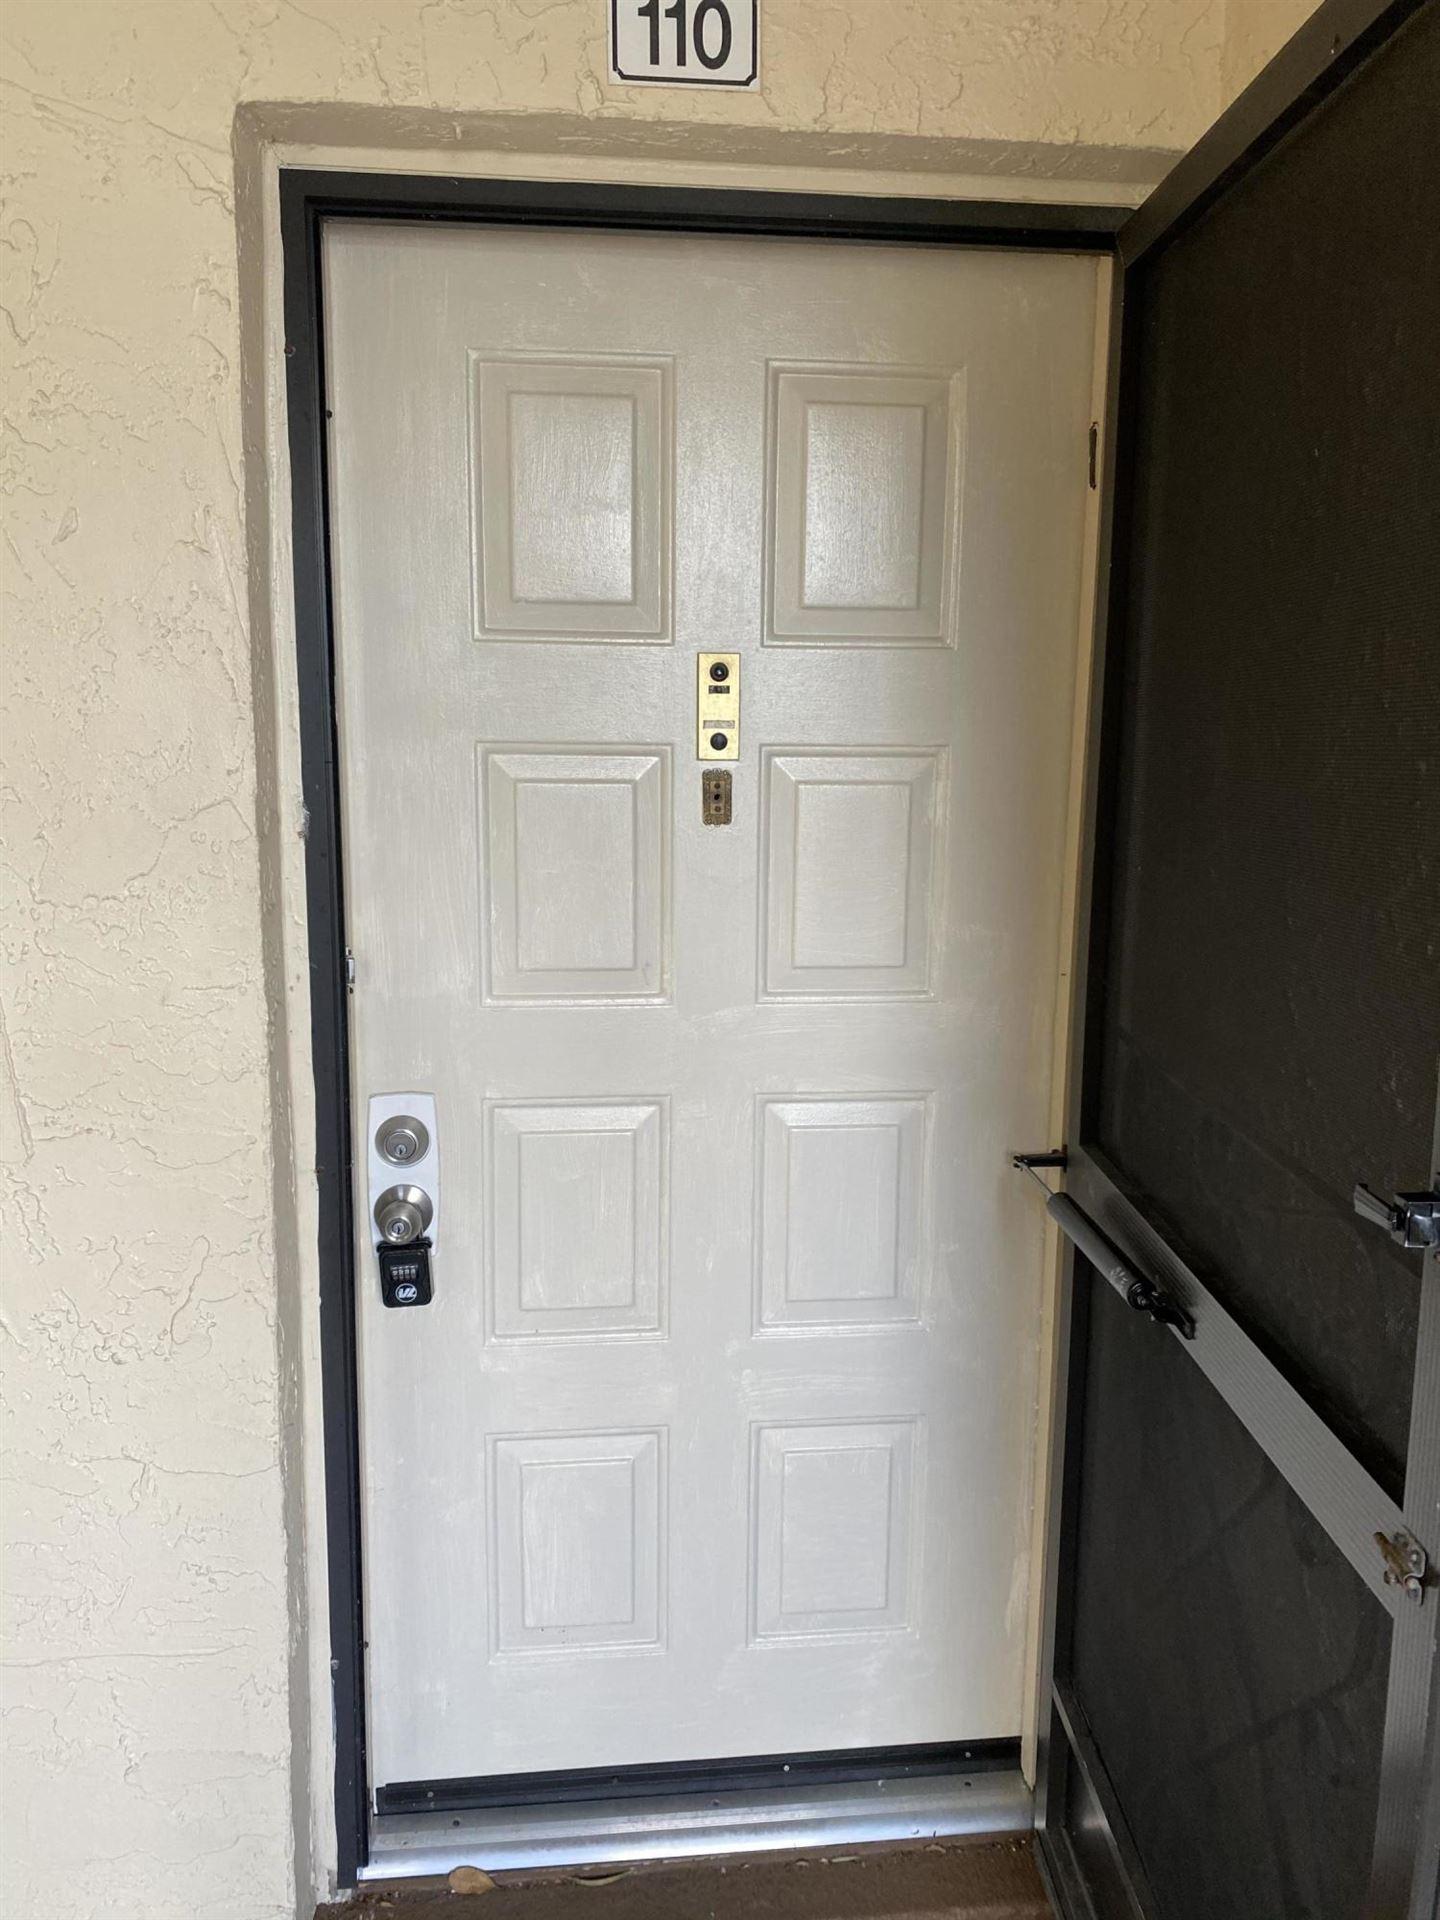 3154 Via Ponciana #110, Lake Worth, FL 33467 - MLS#: RX-10694421